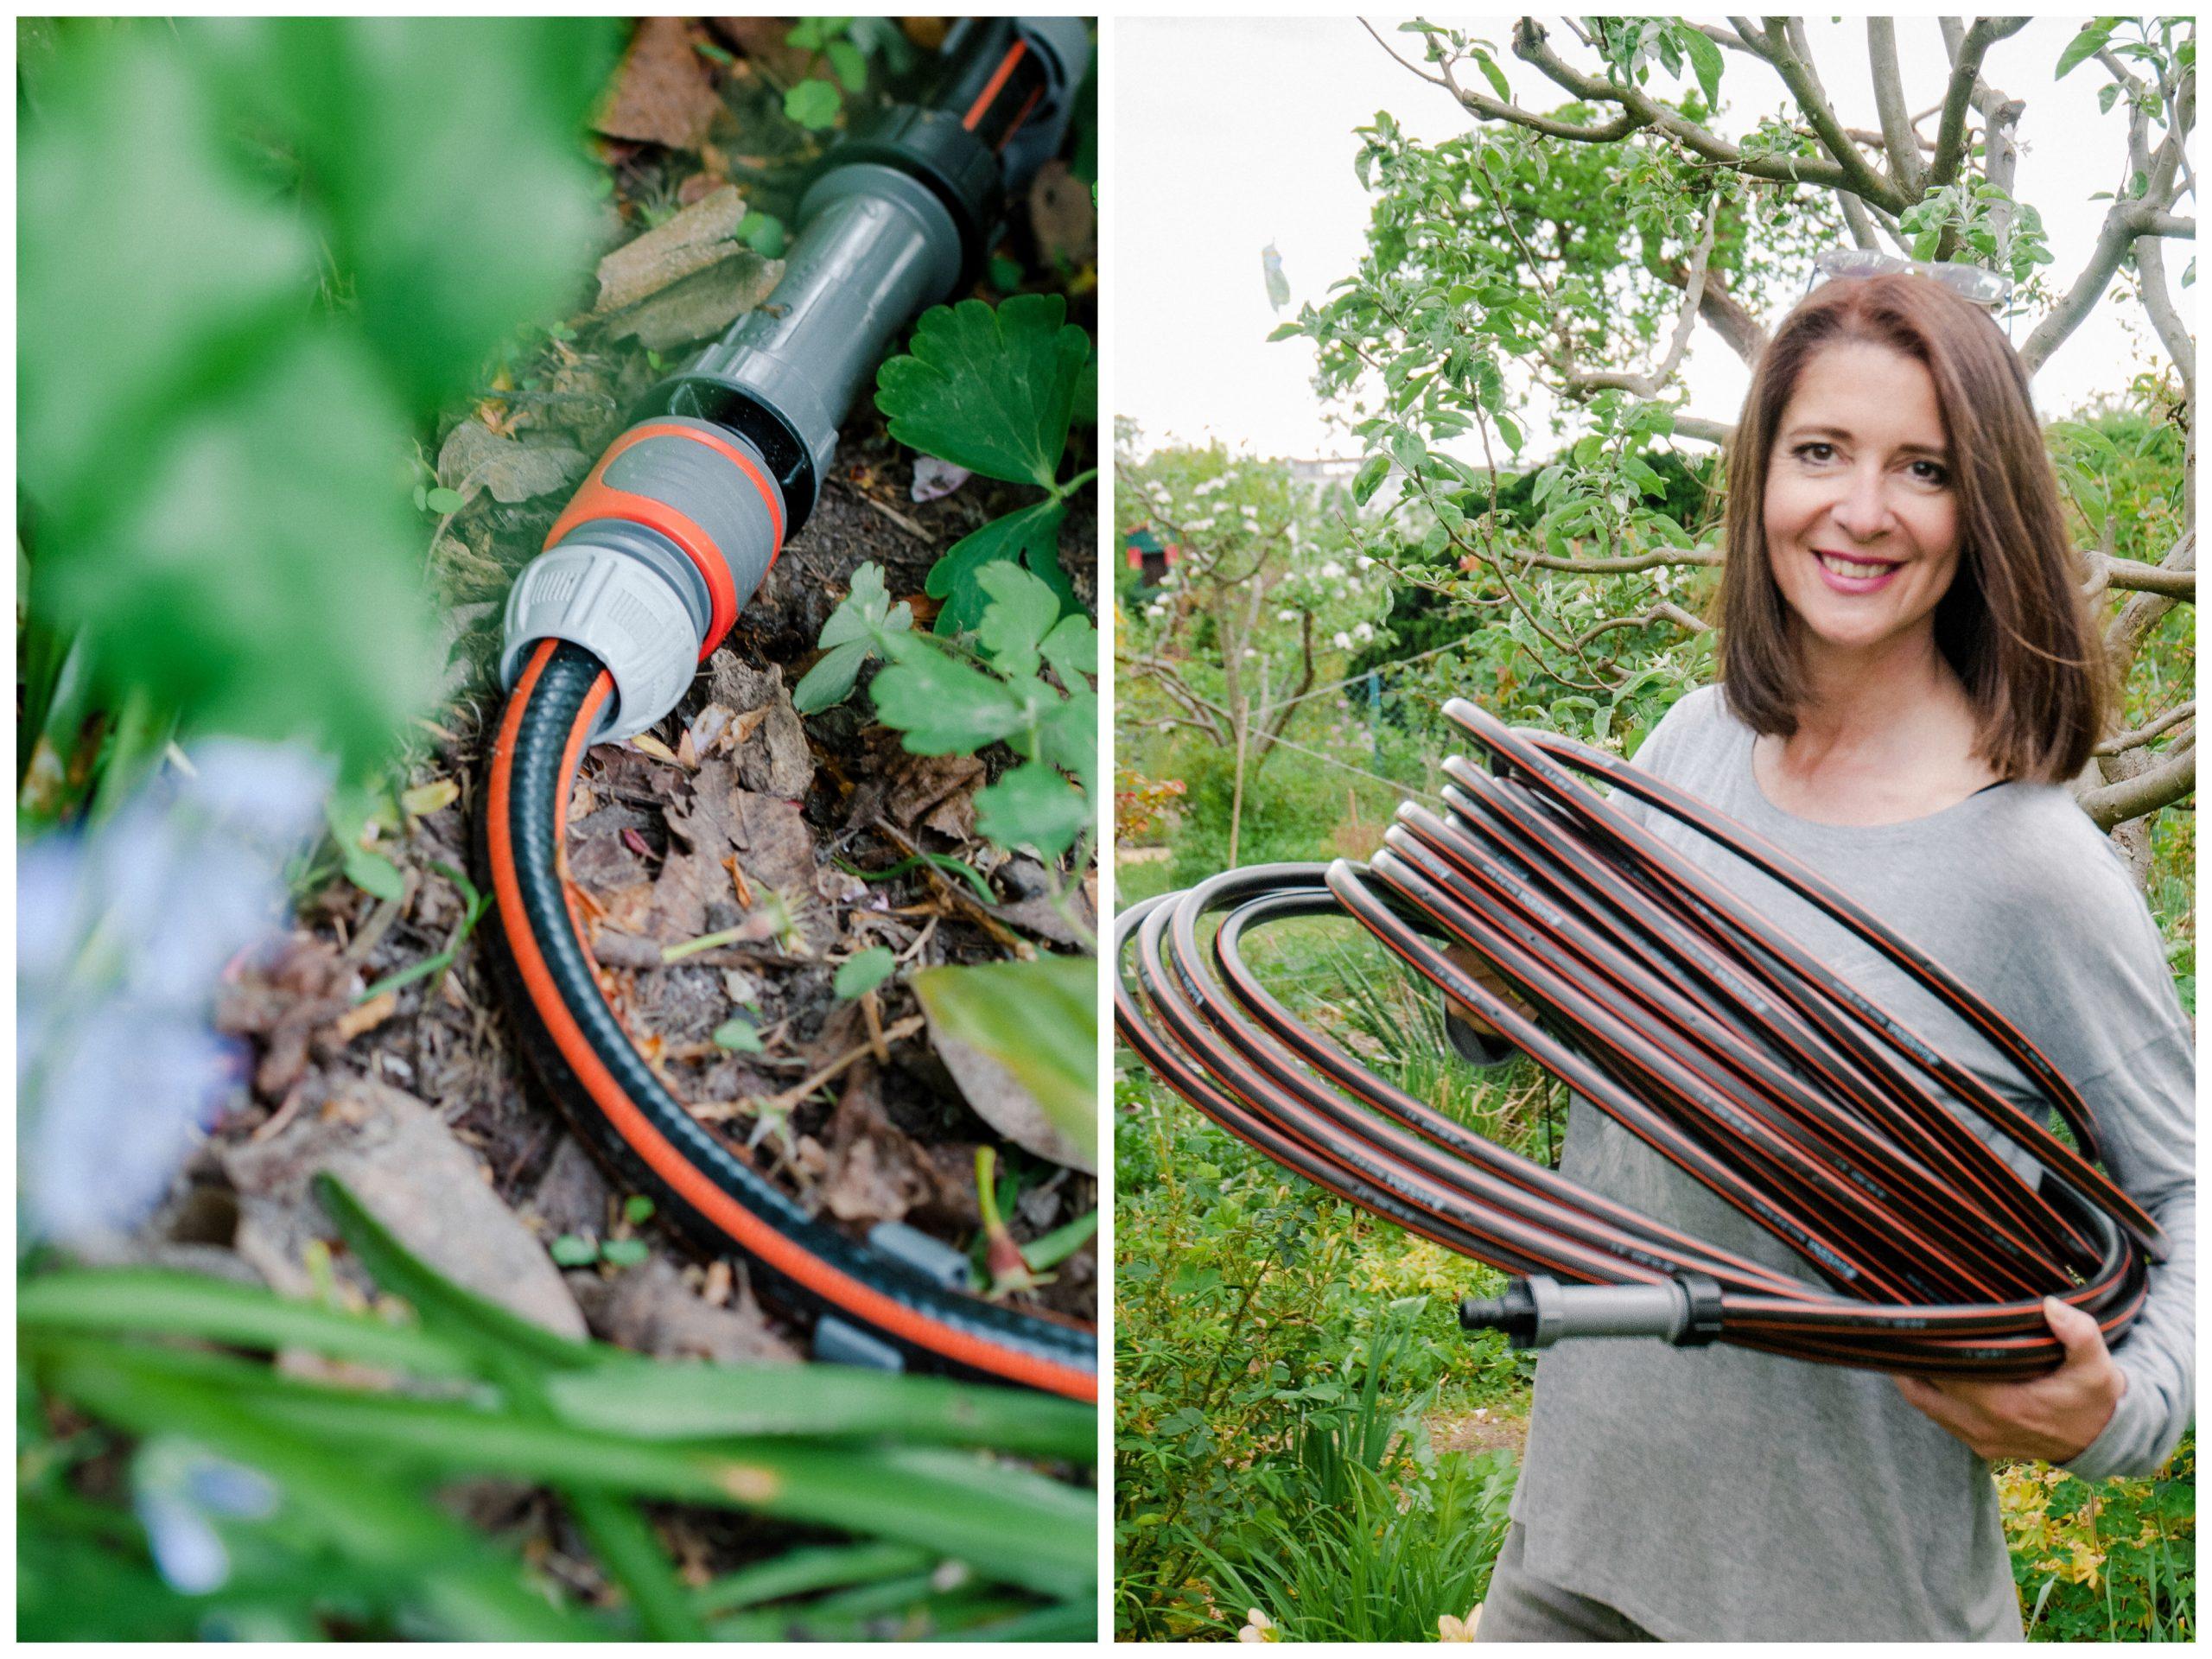 Tropfbewässerung Selbstpflanzenbewässerung 15M Gartenschlauch Sprinkleranlage